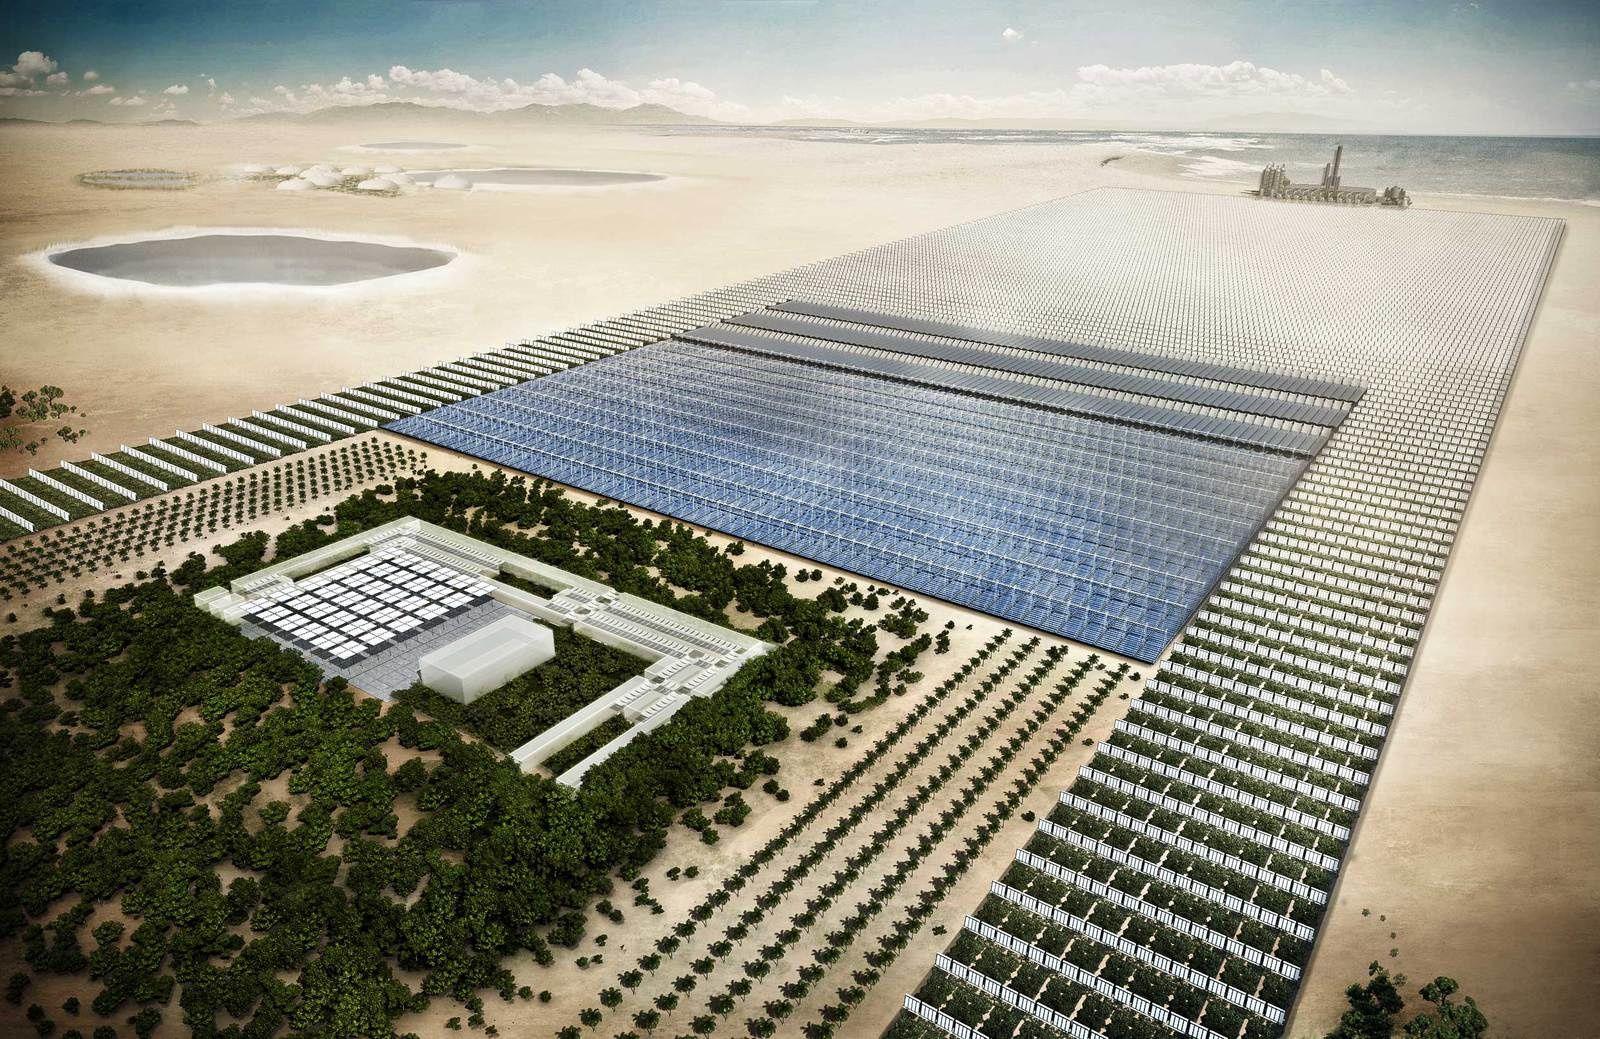 Le vignoble serait implanté non loin de la forêt artificielle en cours de développement, dans le désert du Qatar